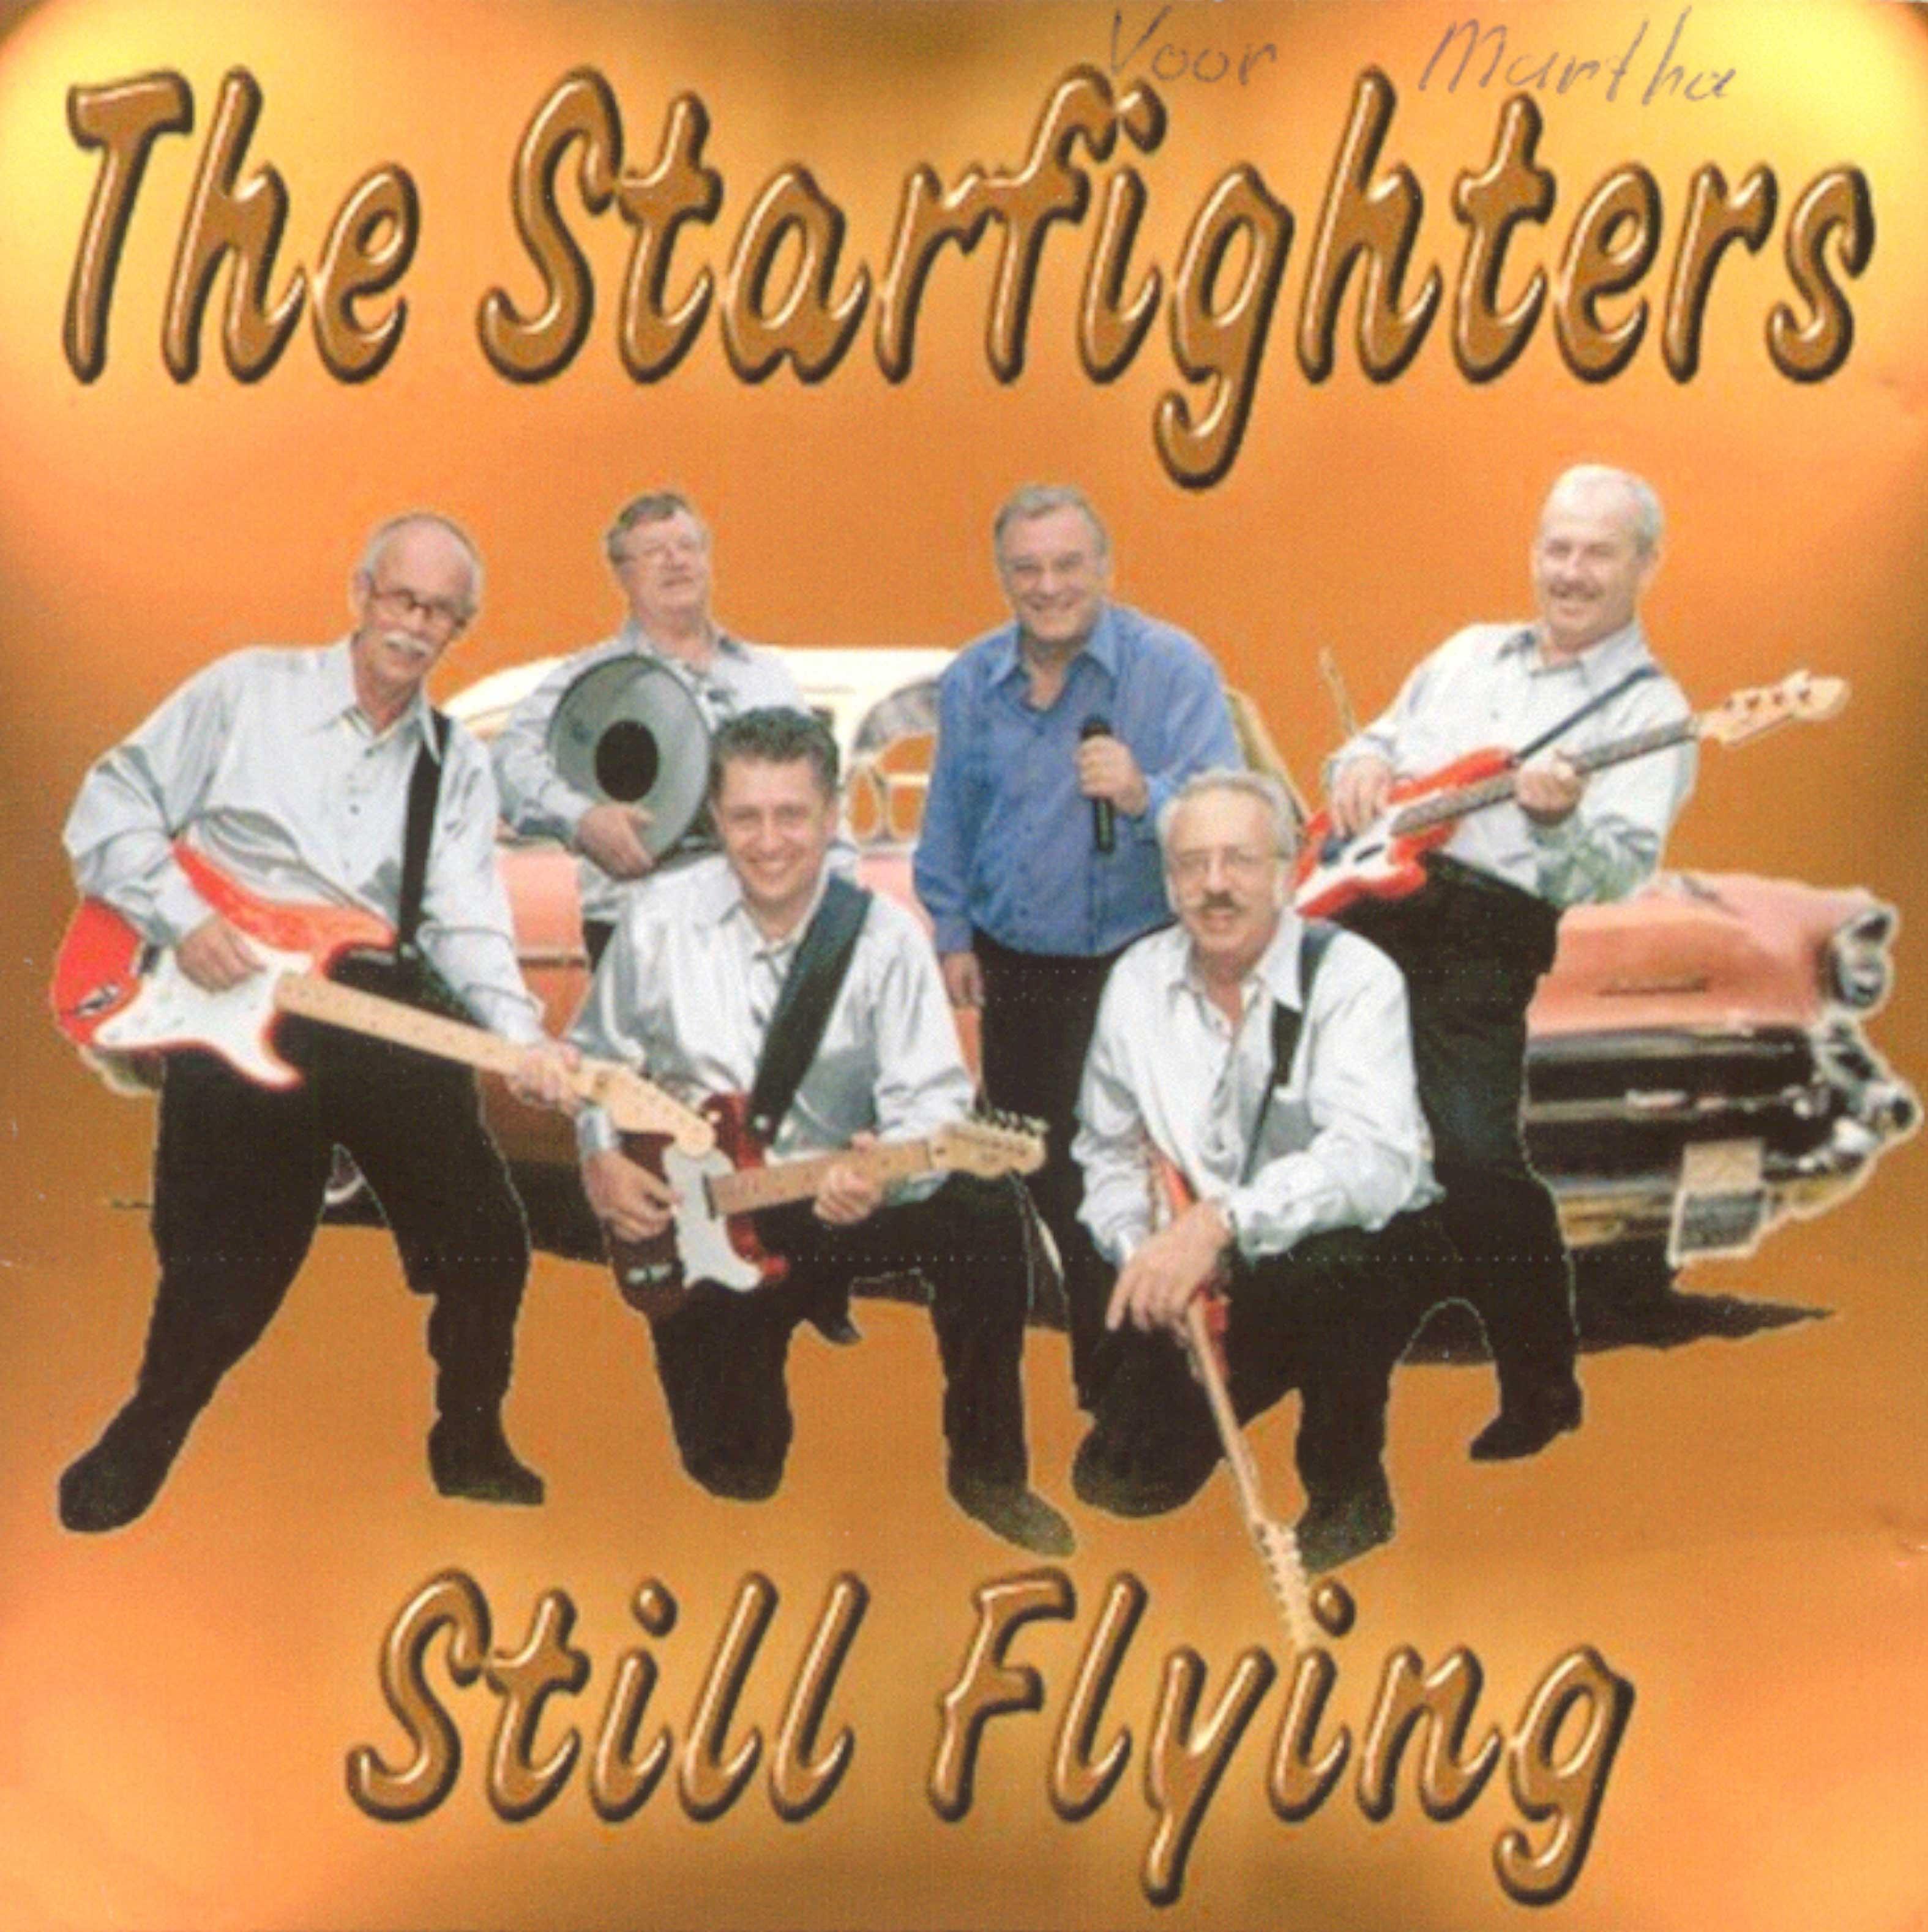 CD The Starfighters Still Flying